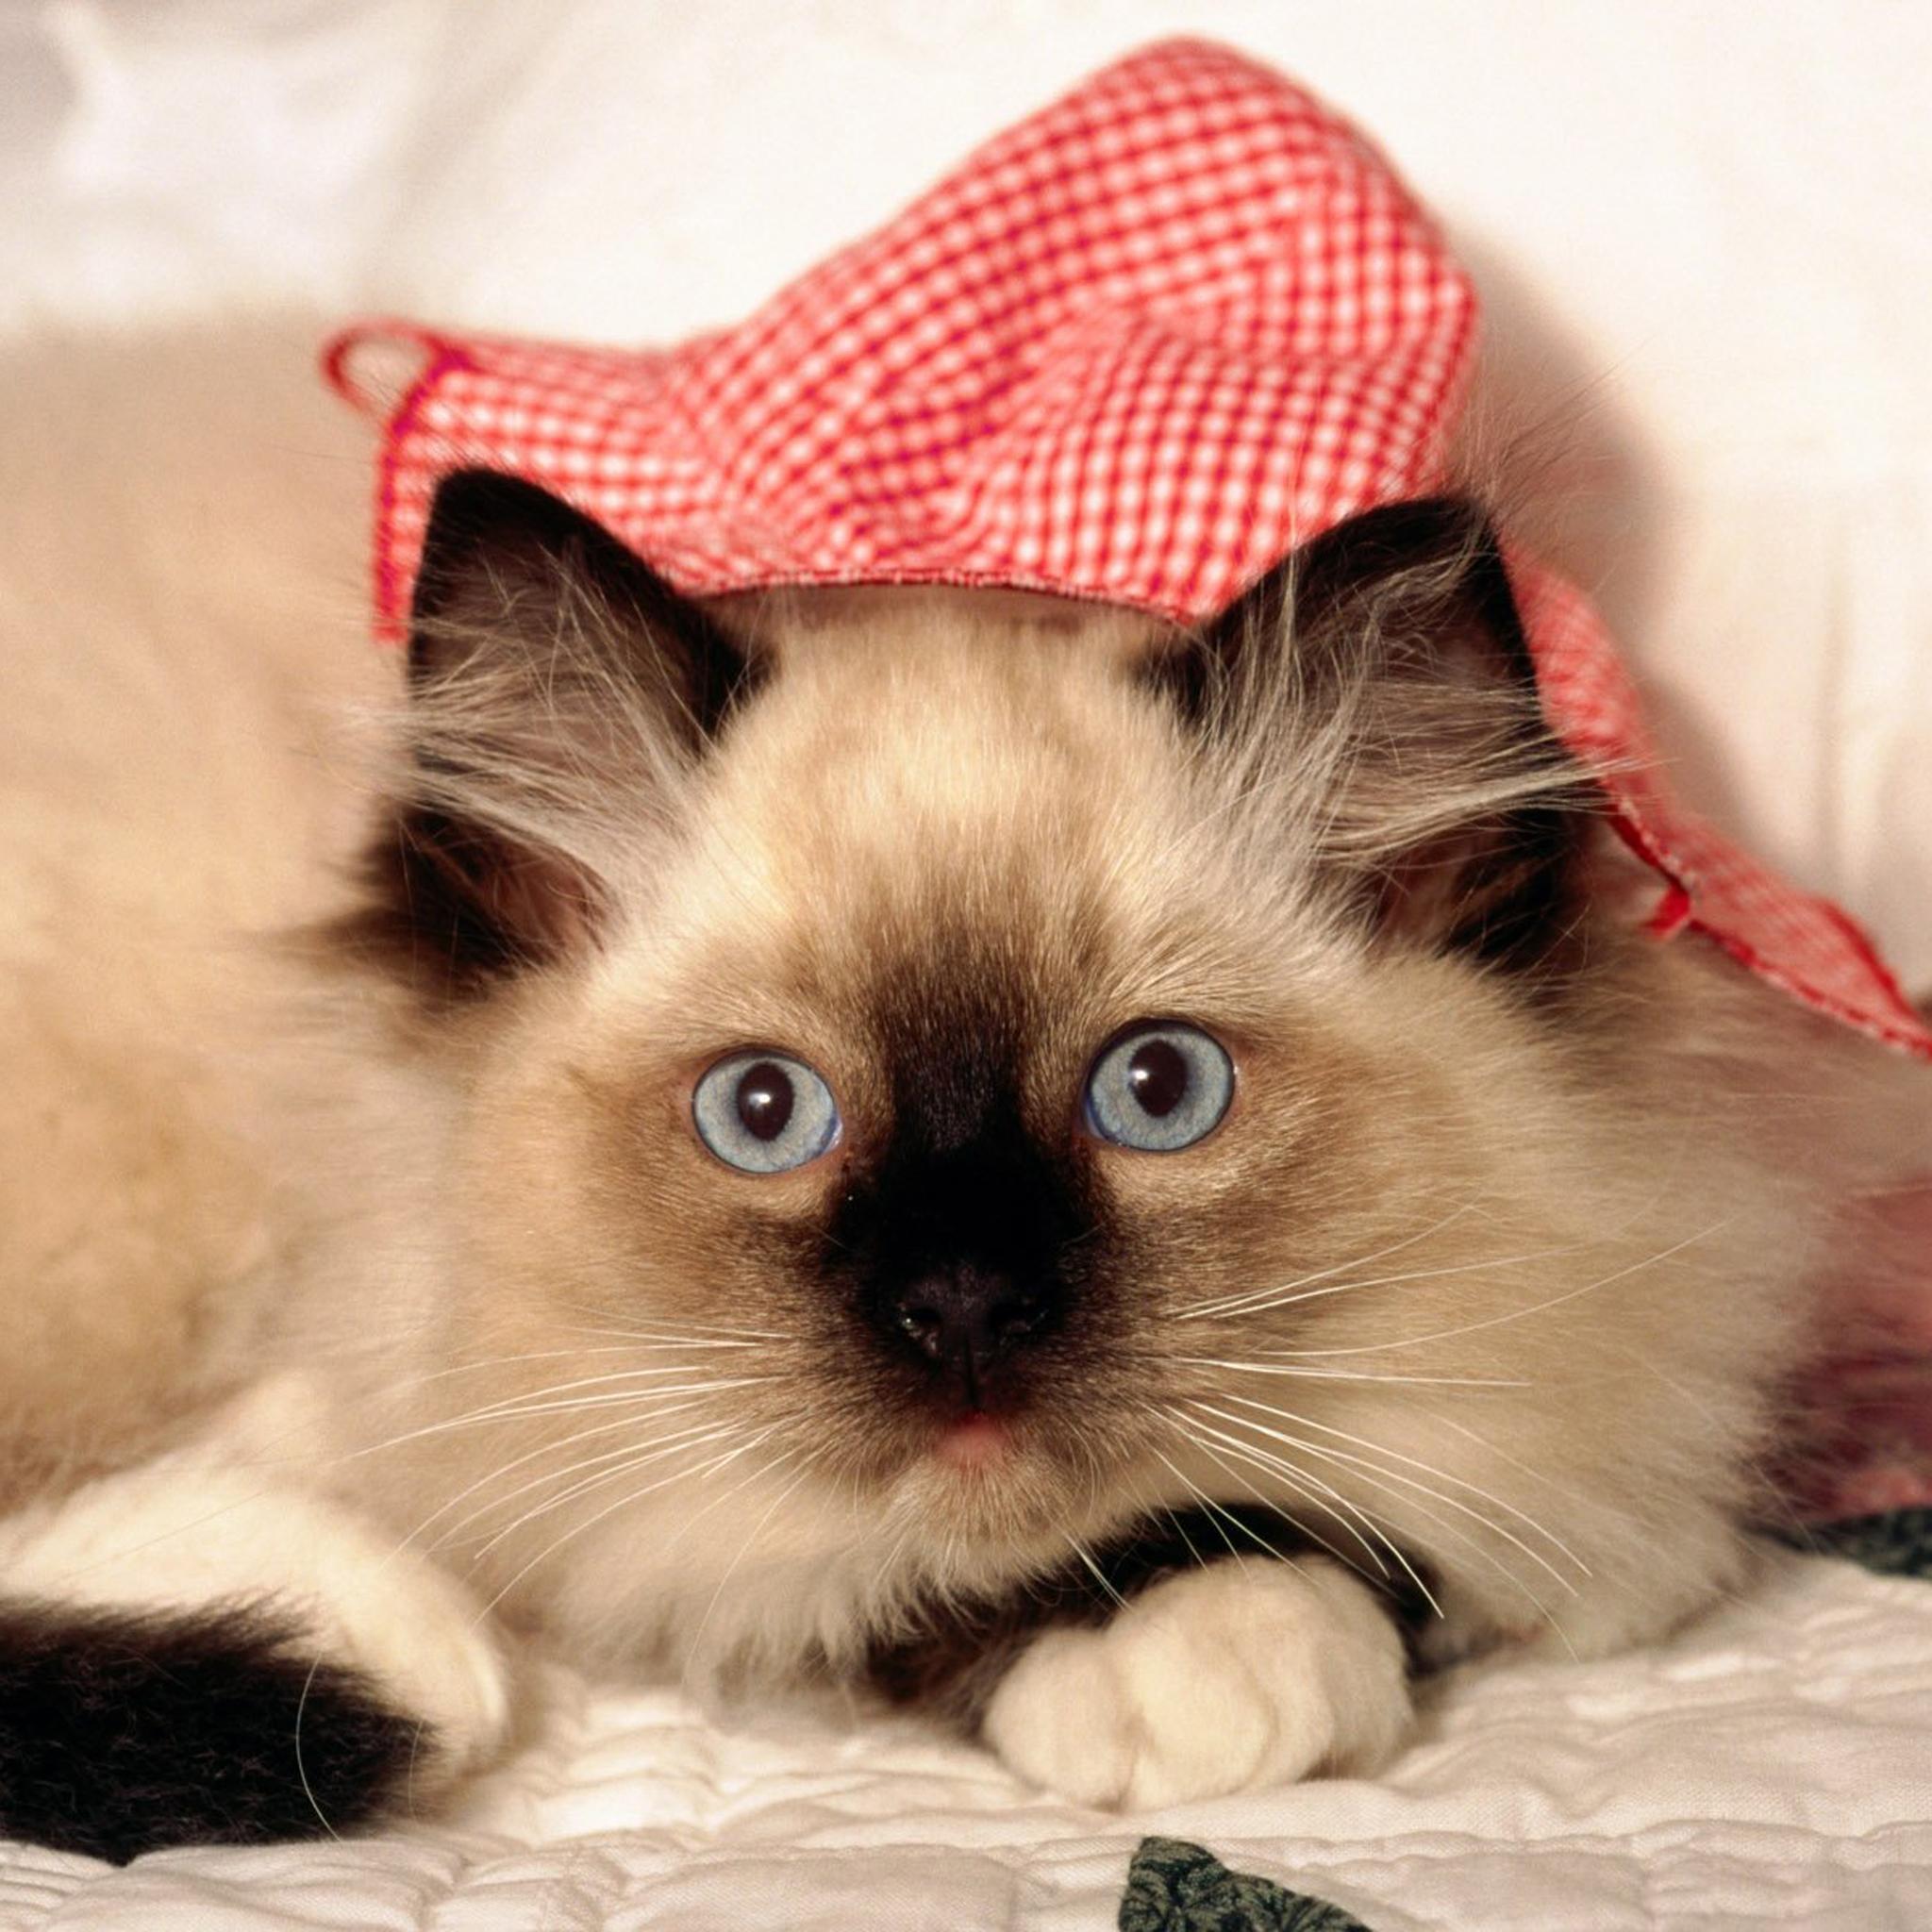 壁纸 动物 猫 猫咪 小猫 桌面 2048_2048